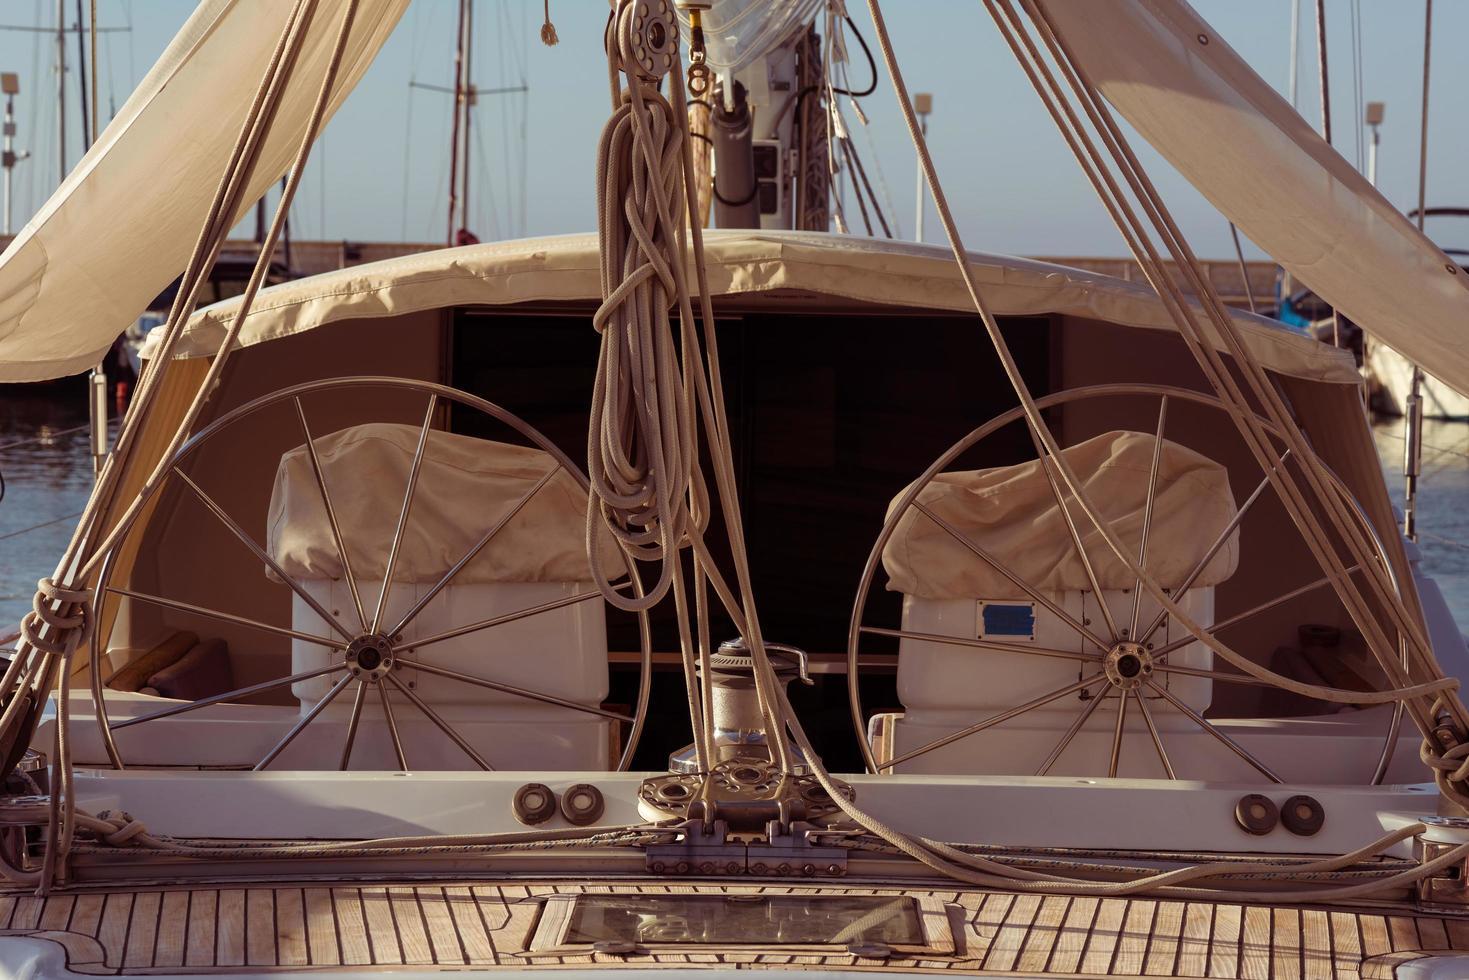 volants pour voiliers modernes photo